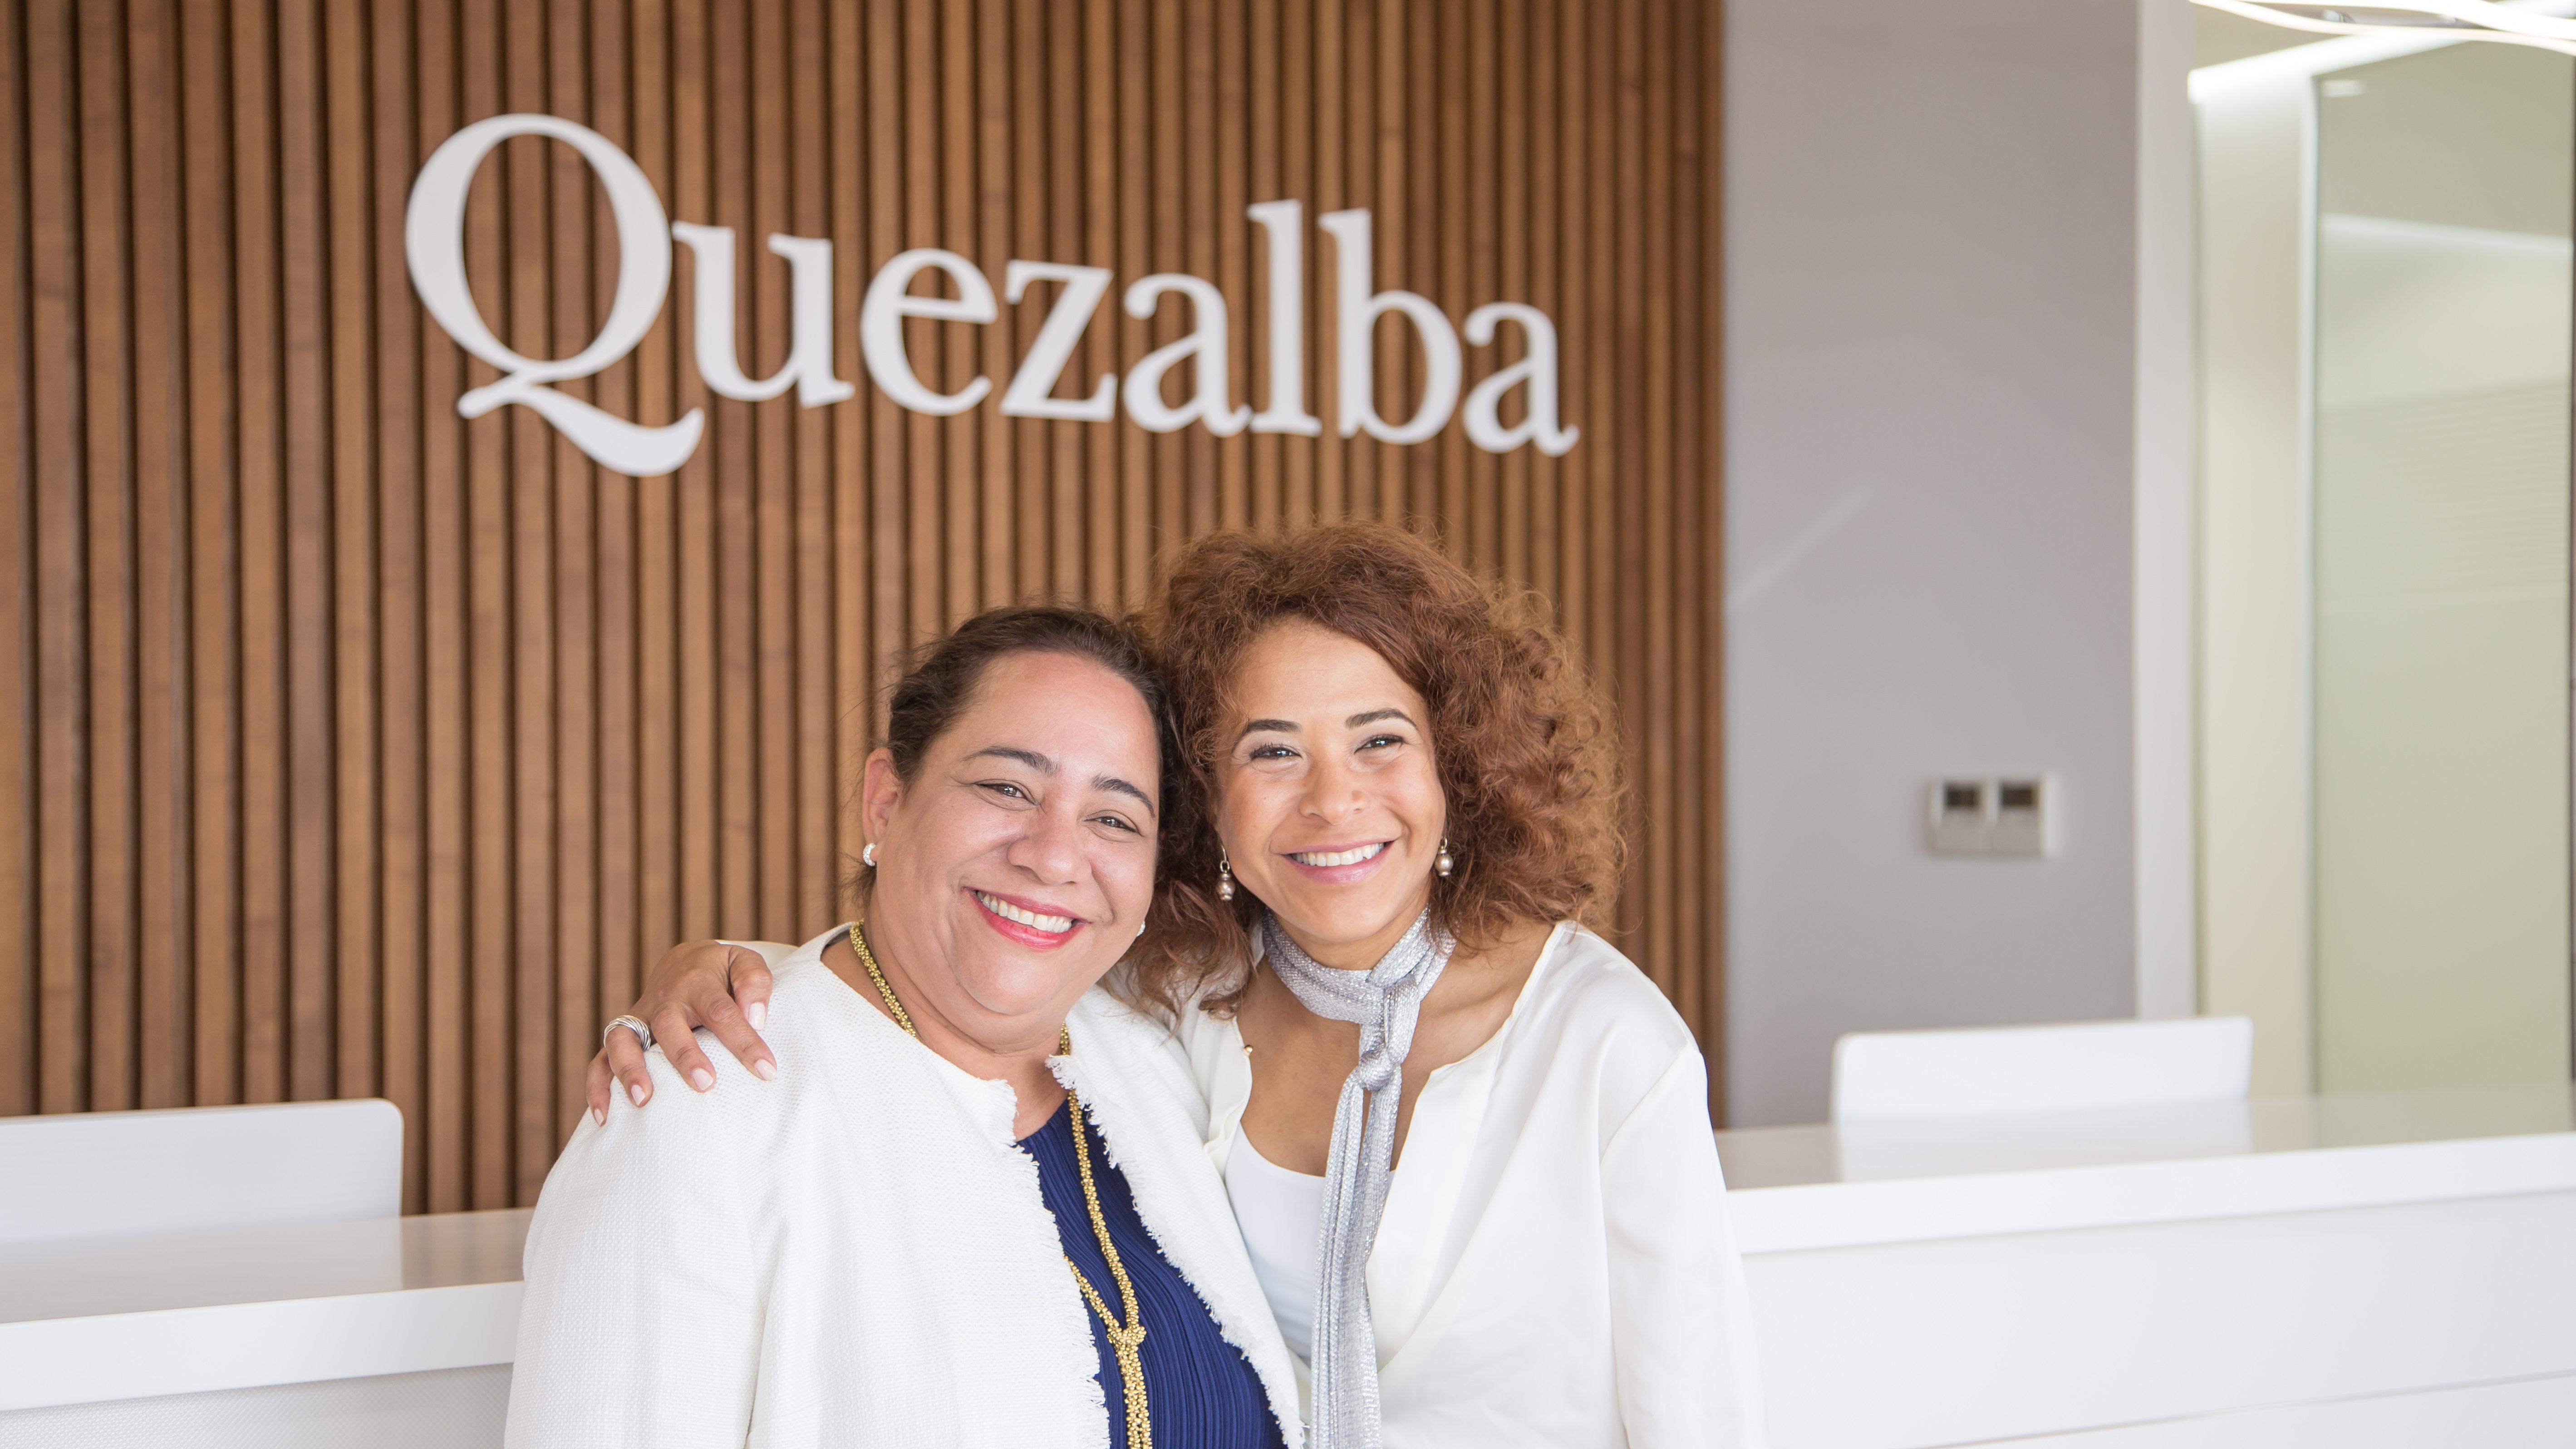 Calidad y profesionalidad tienen su nombre en Las Palmas de Gran Canaria